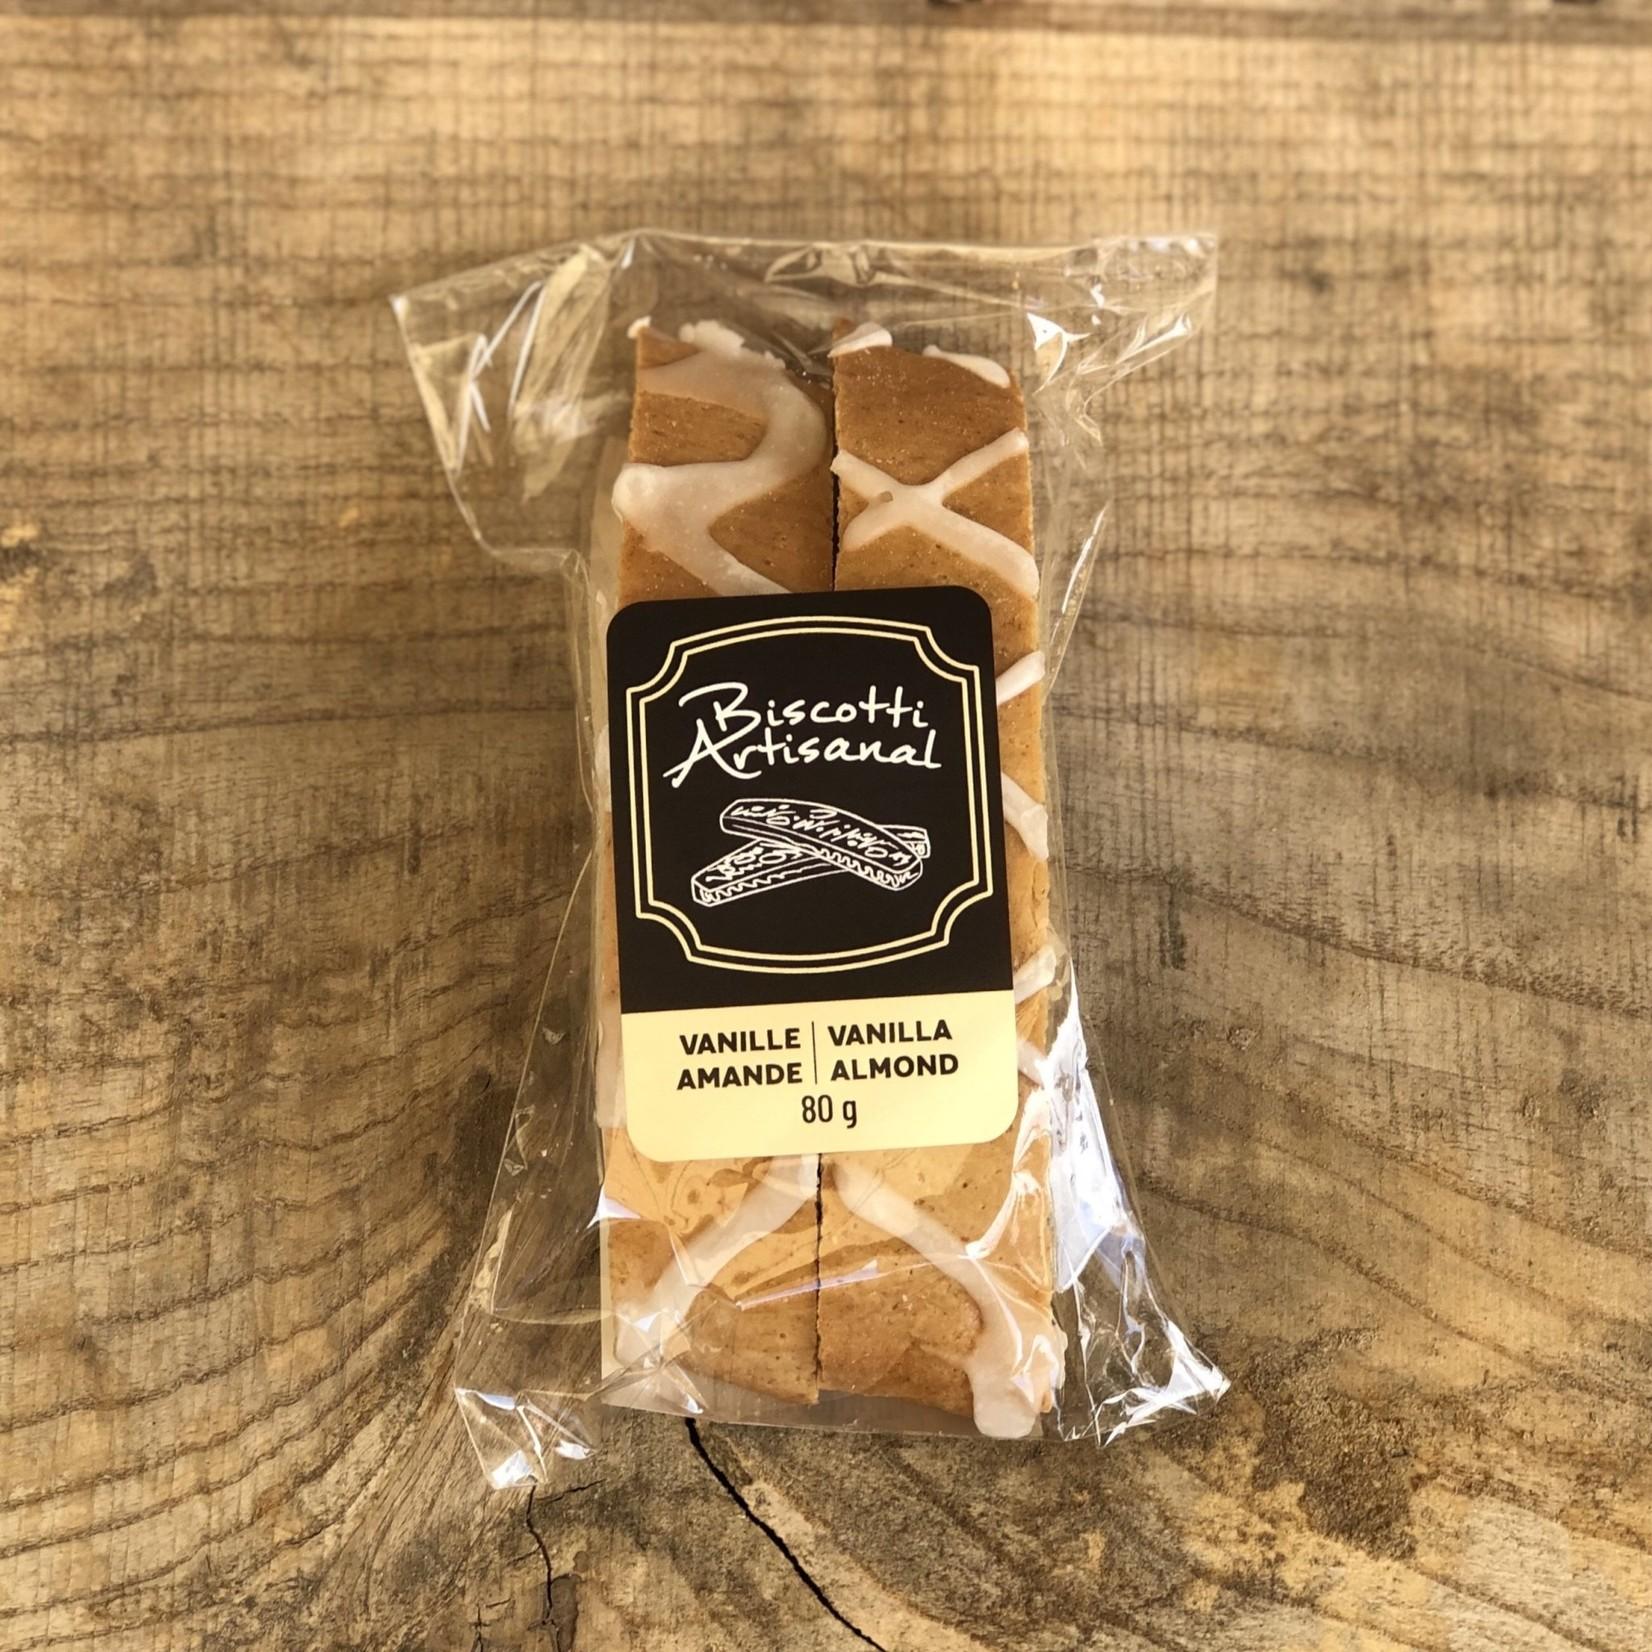 Biscotti Artisanal Vanille Amande